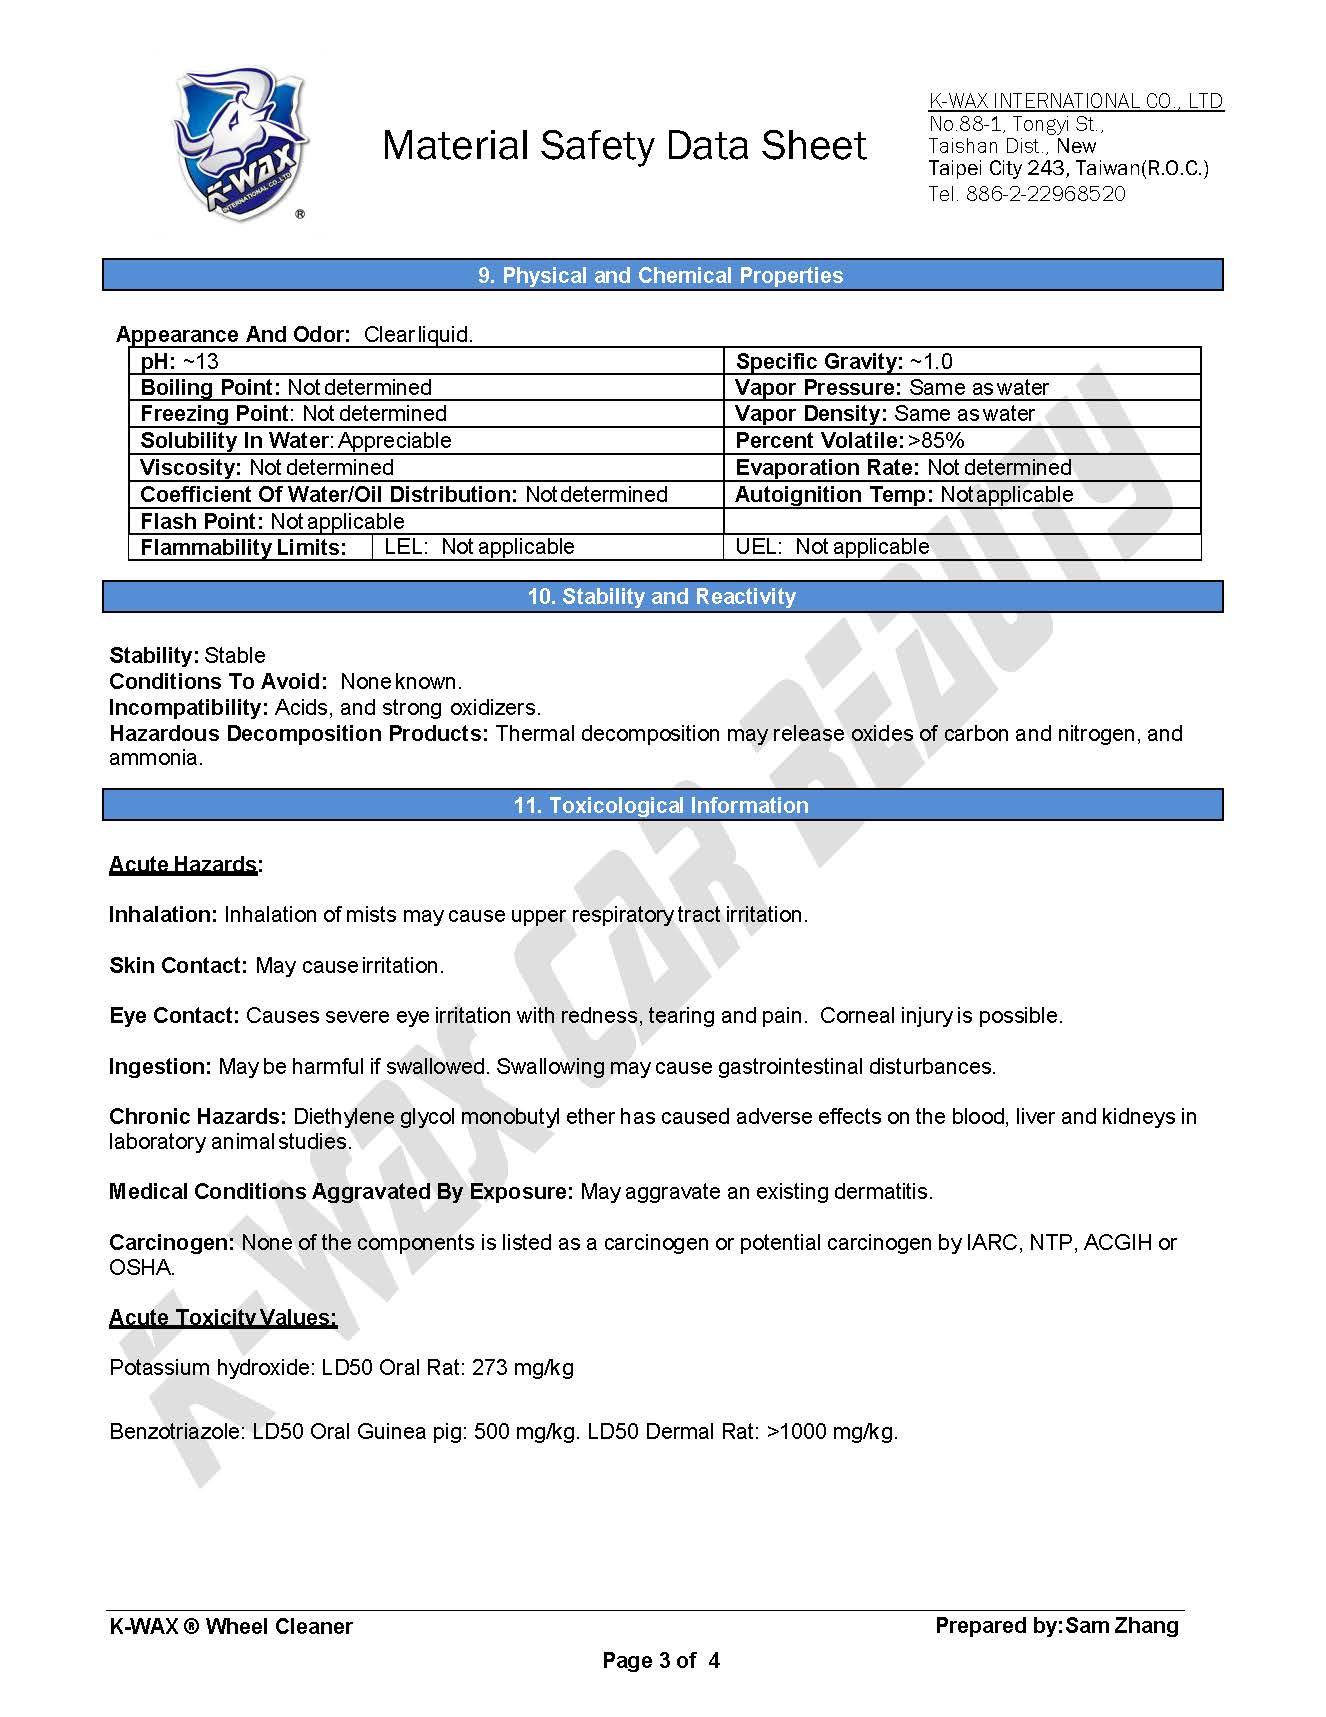 鋼圈亮光劑 MSDS_页面_3.jpg